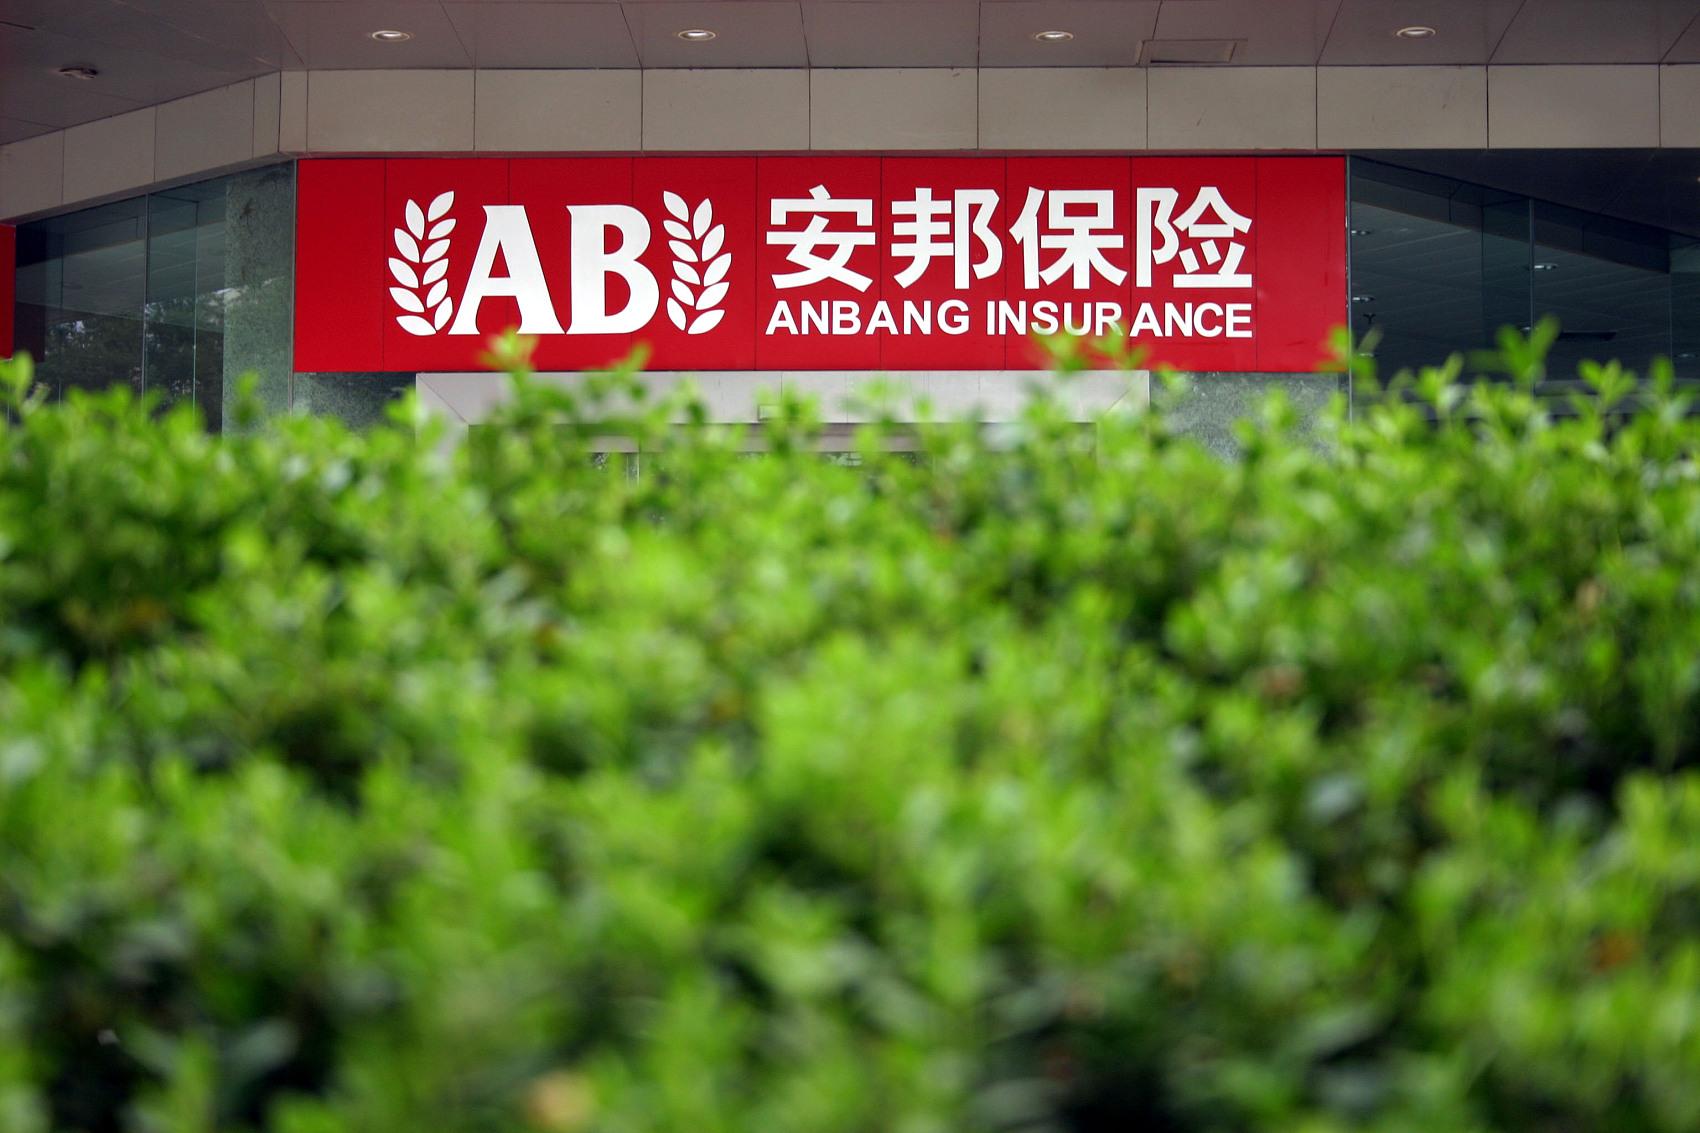 中国安邦保险58亿美元出售旗下15家美国豪华酒店资产,韩国未来资产集团接手